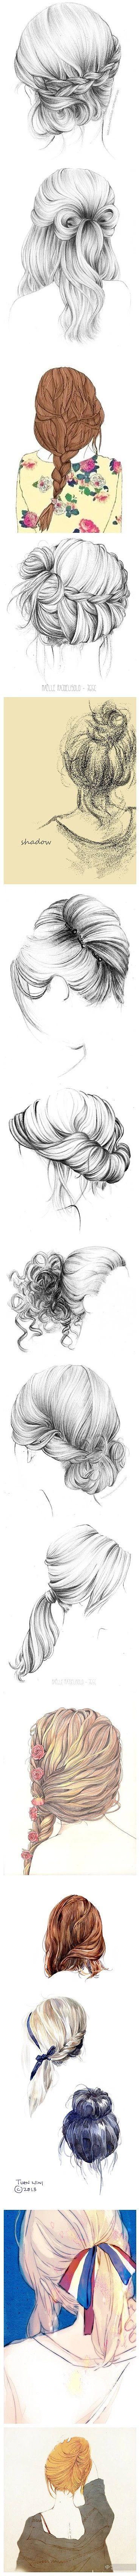 发型 黑白 素描